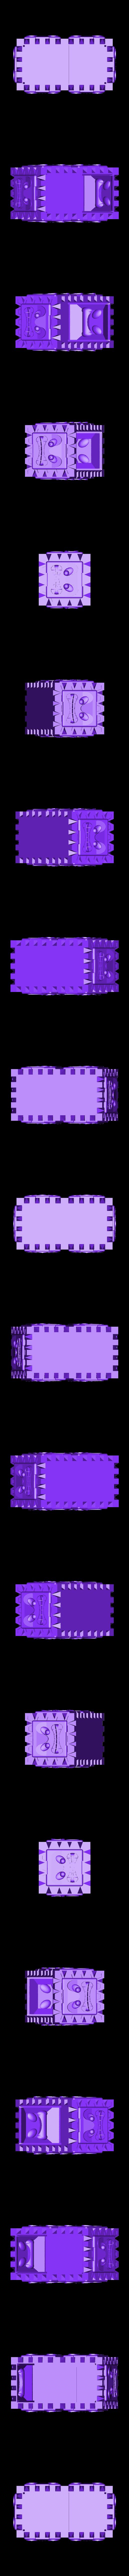 2x_Thwomp.stl Télécharger fichier STL gratuit La grande planteuse Thwomp • Objet imprimable en 3D, helmuteder